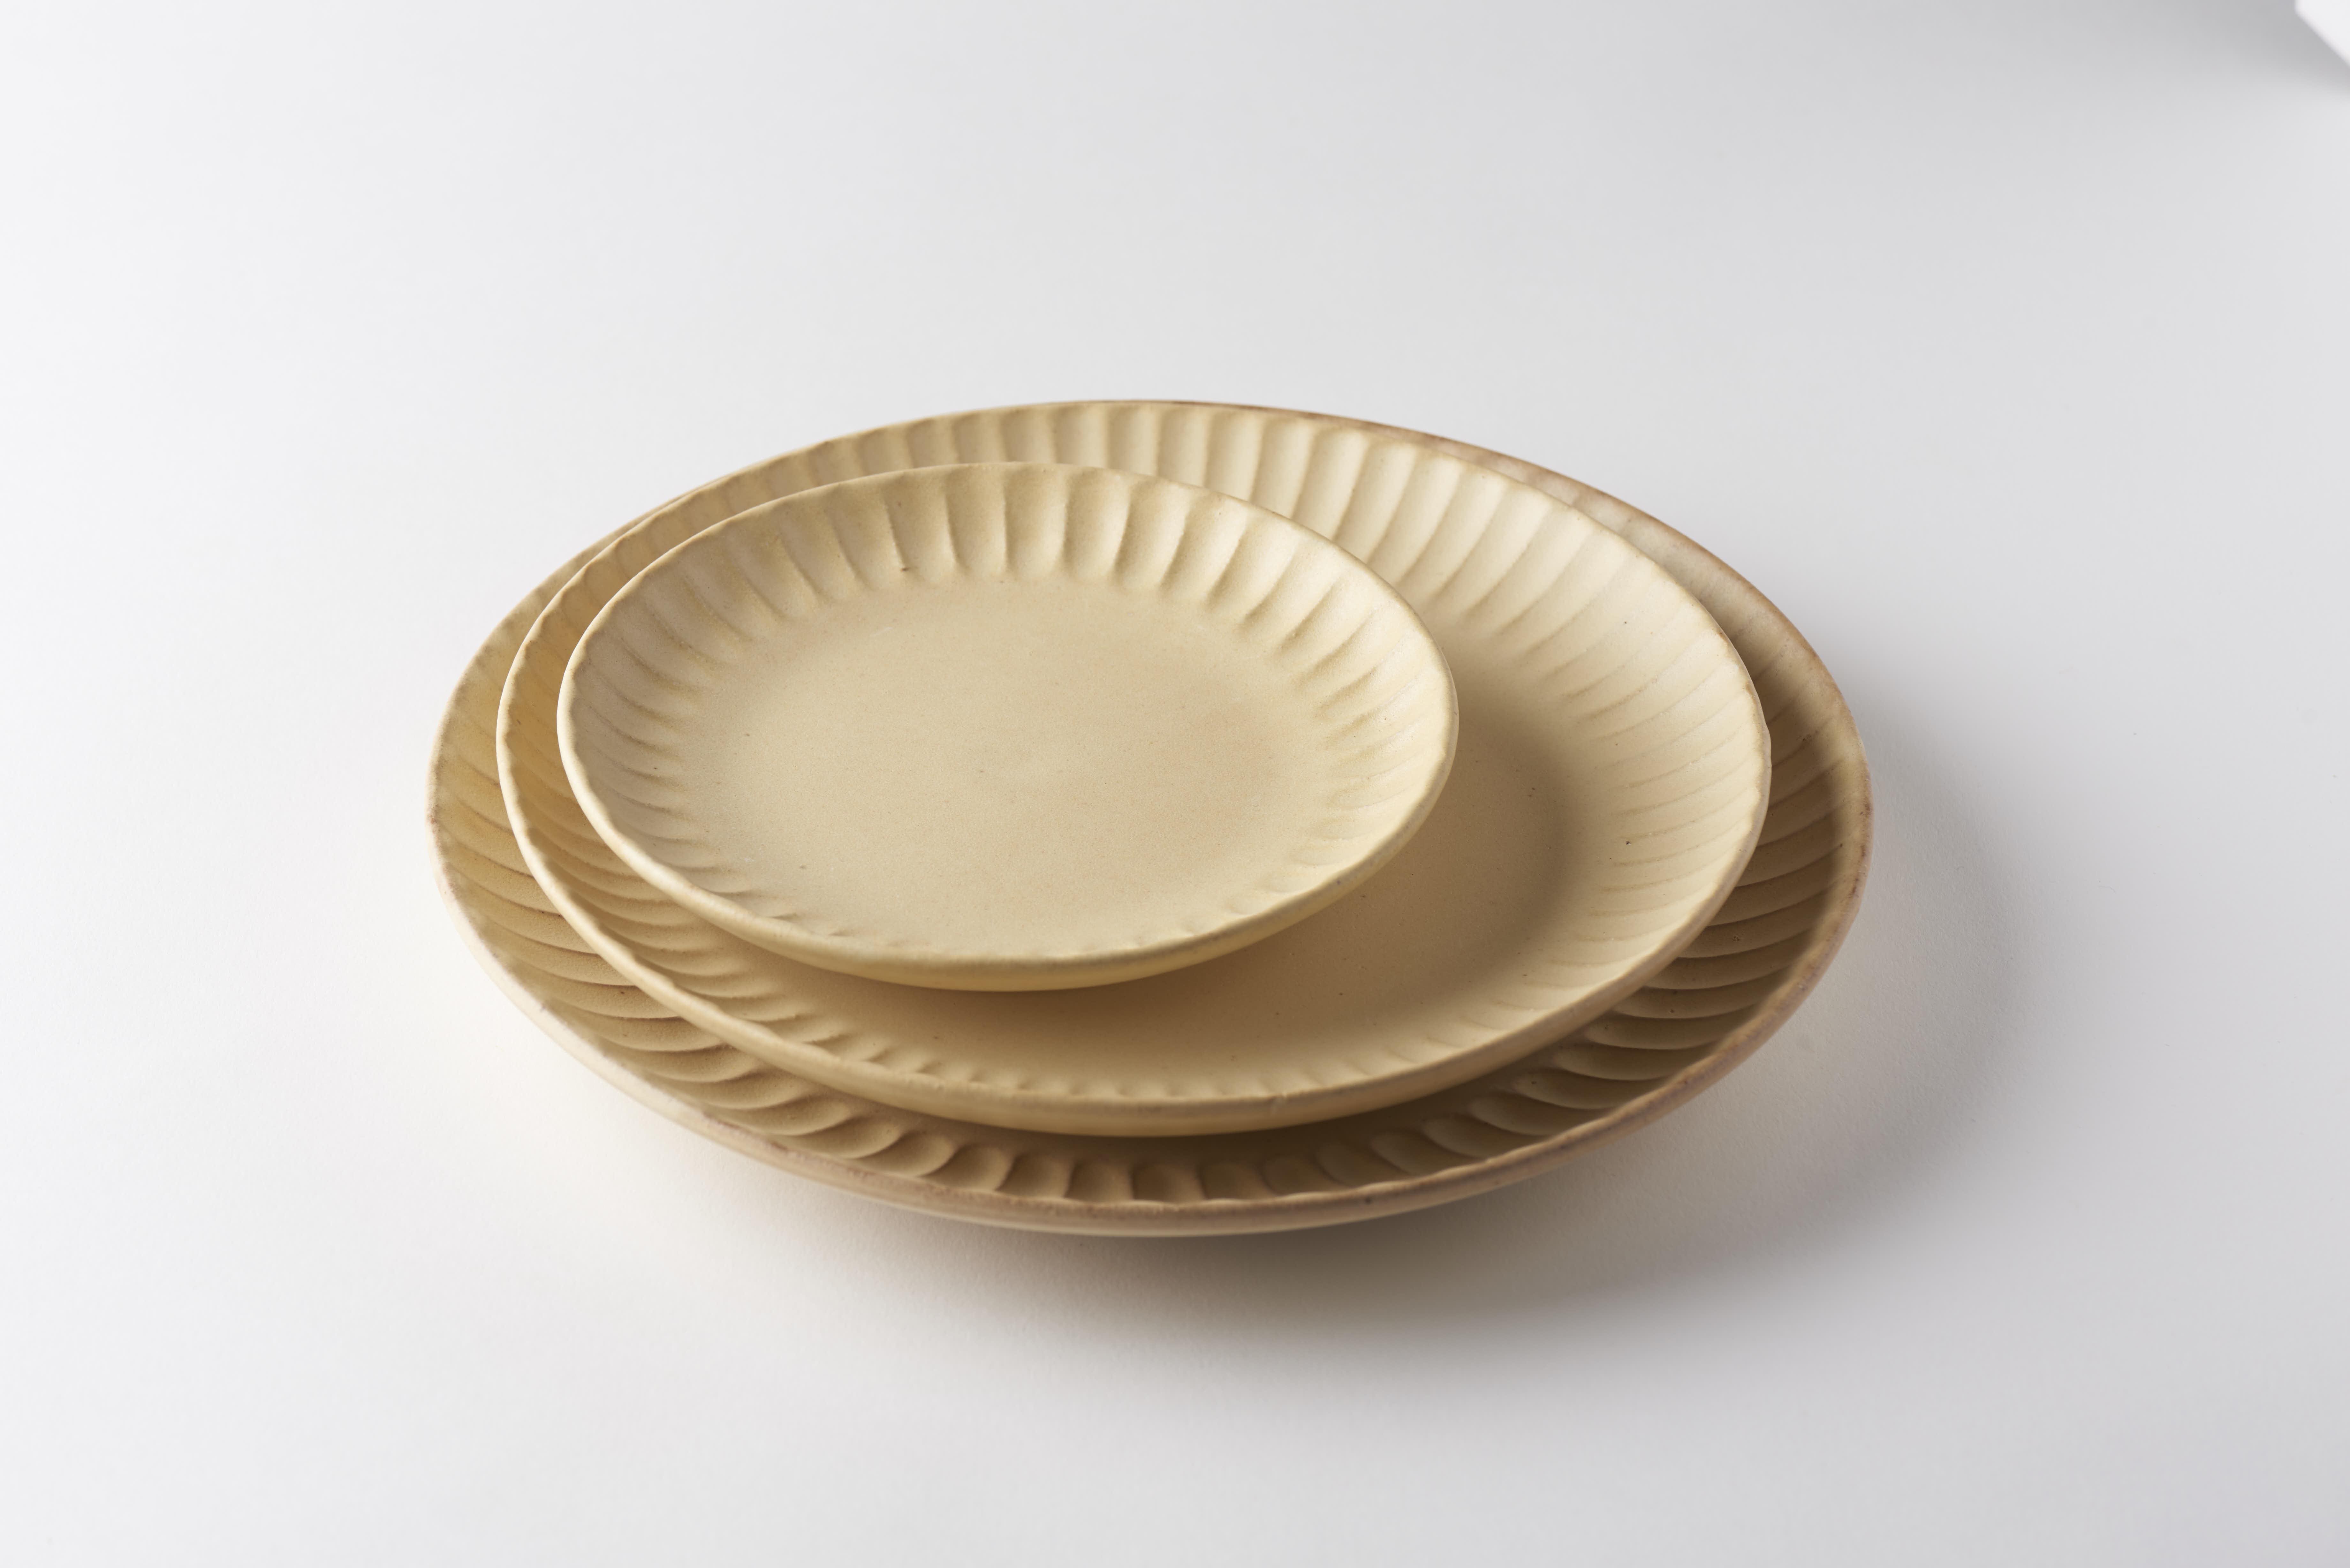 太しのぎ5寸皿(クリーム)